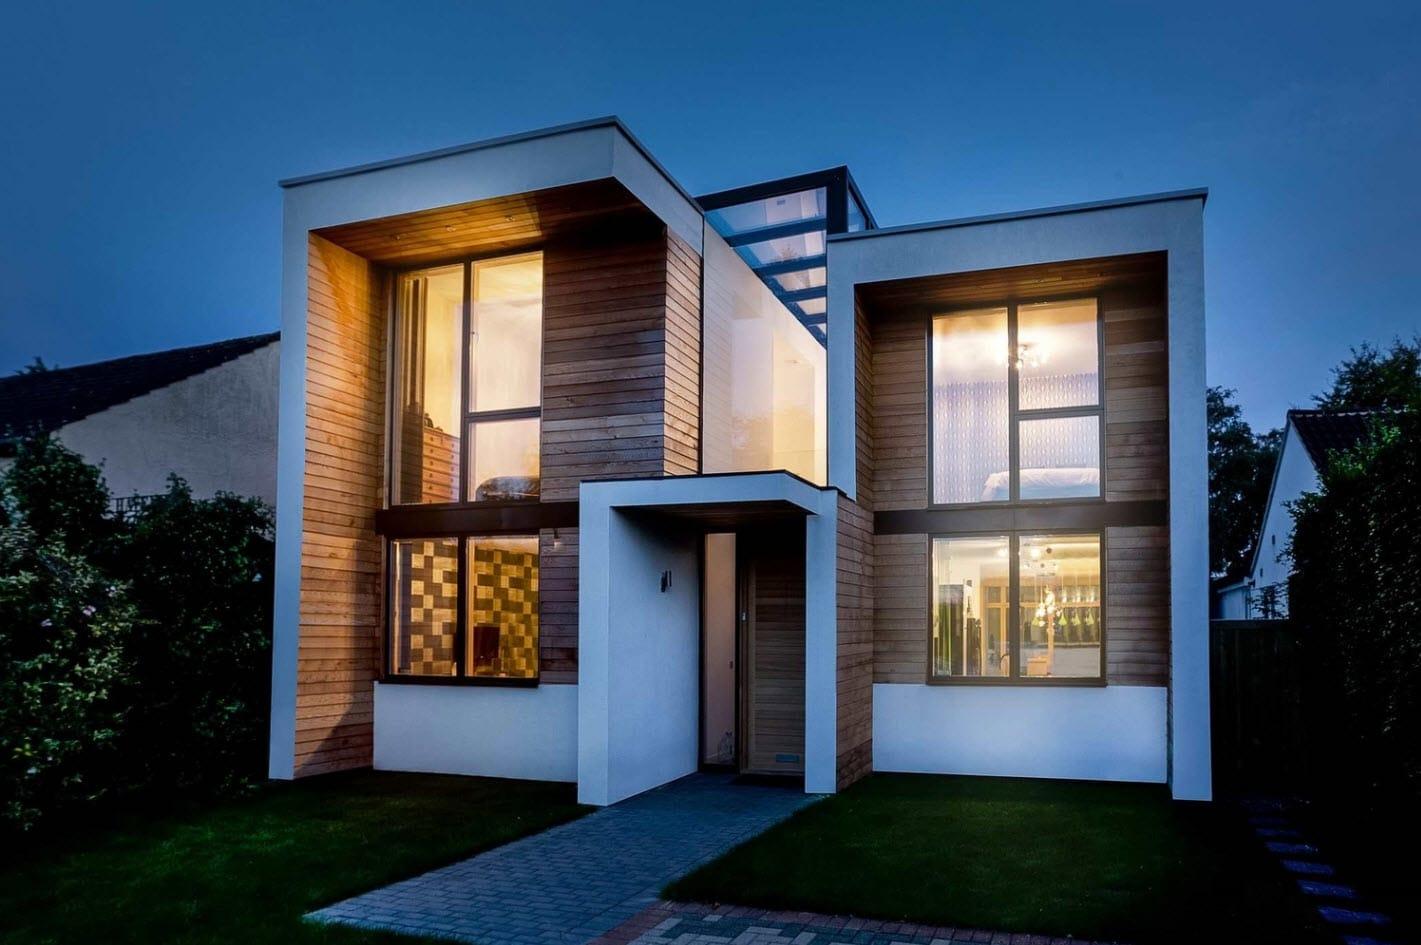 Disenos para casas modernas dise os arquitect nicos - Casas de diseno ...